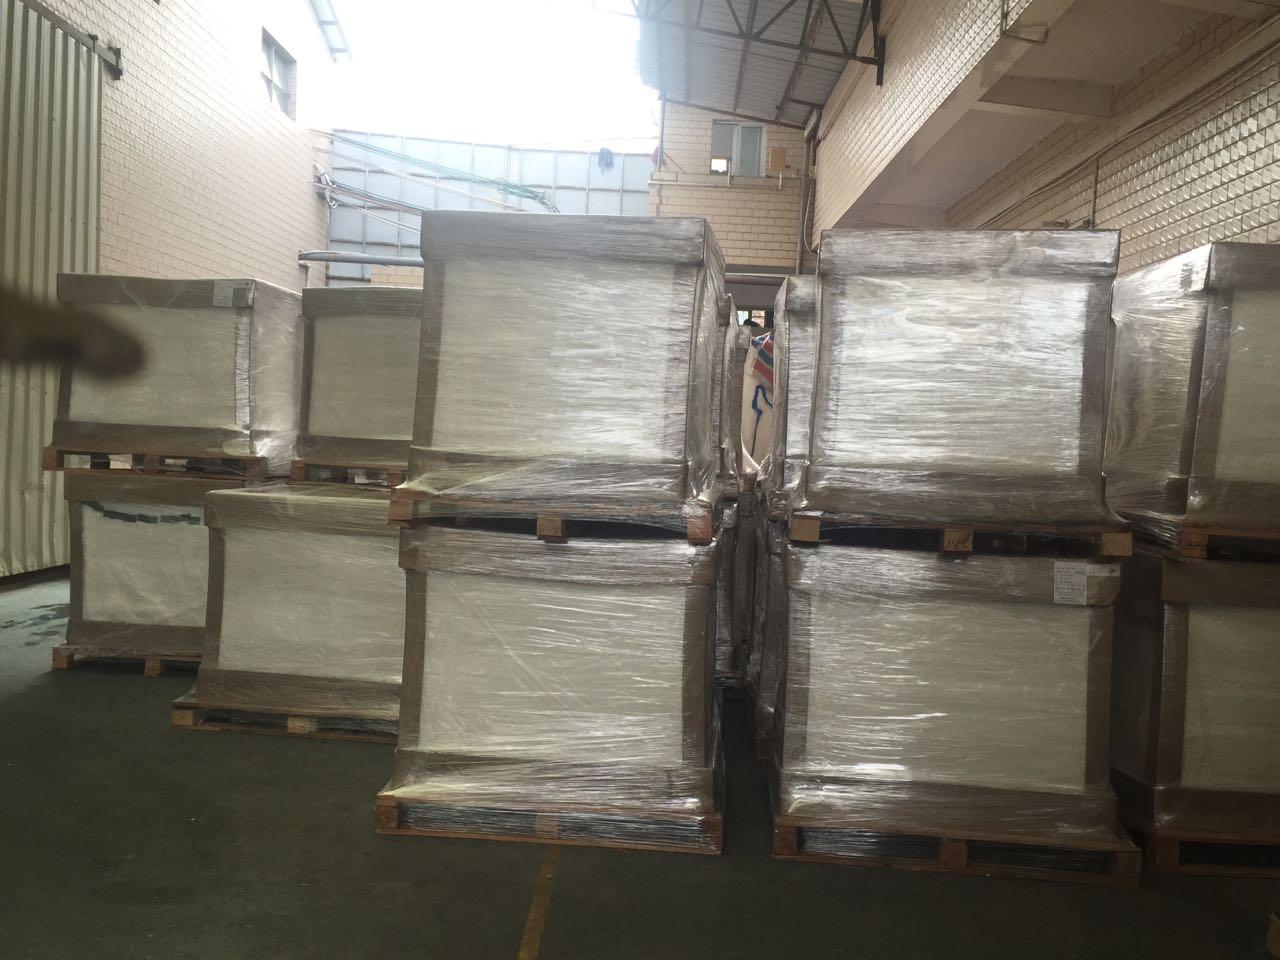 来自陈英发布的供应信息:我司专业生产SAP复合吸水芯体,可适用于... - 佛山市顺德区颜盈纸类制品有限公司